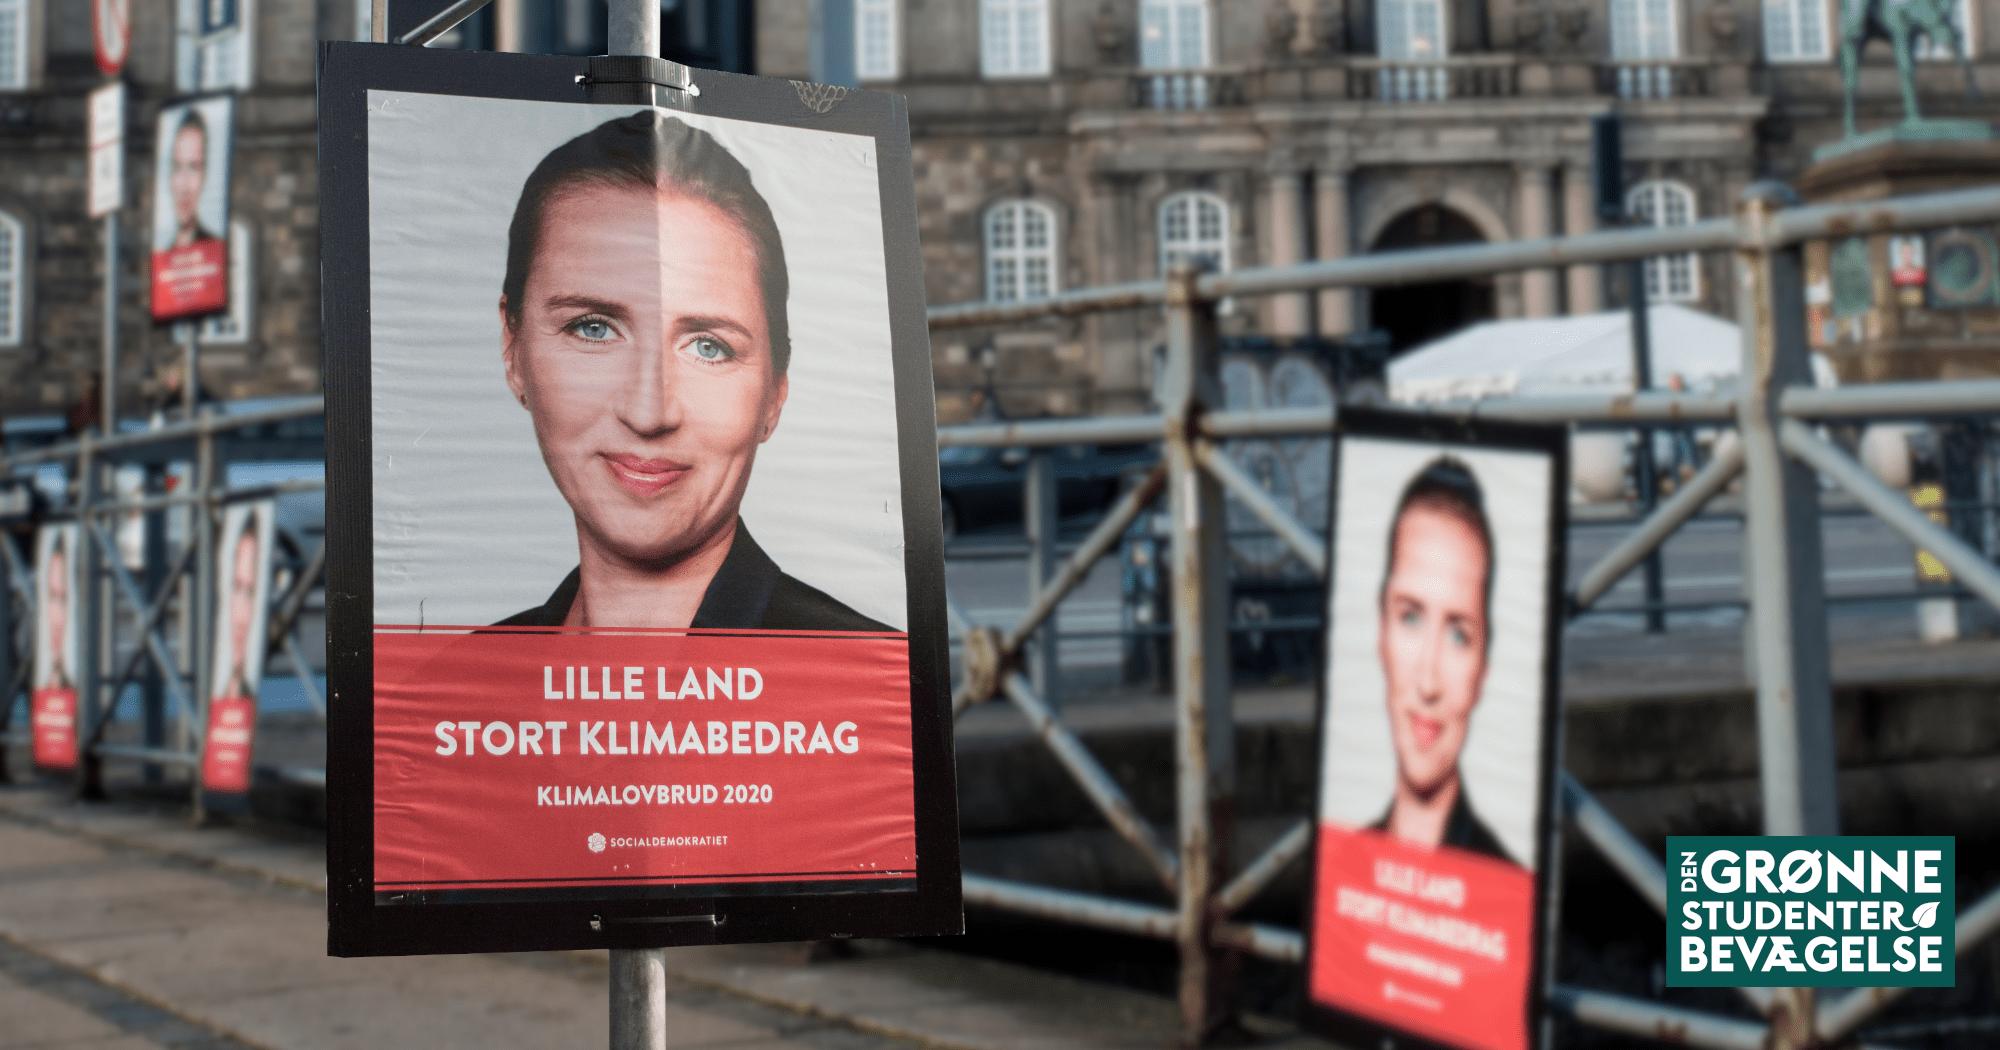 Lille Land, Stort Klimabedrag